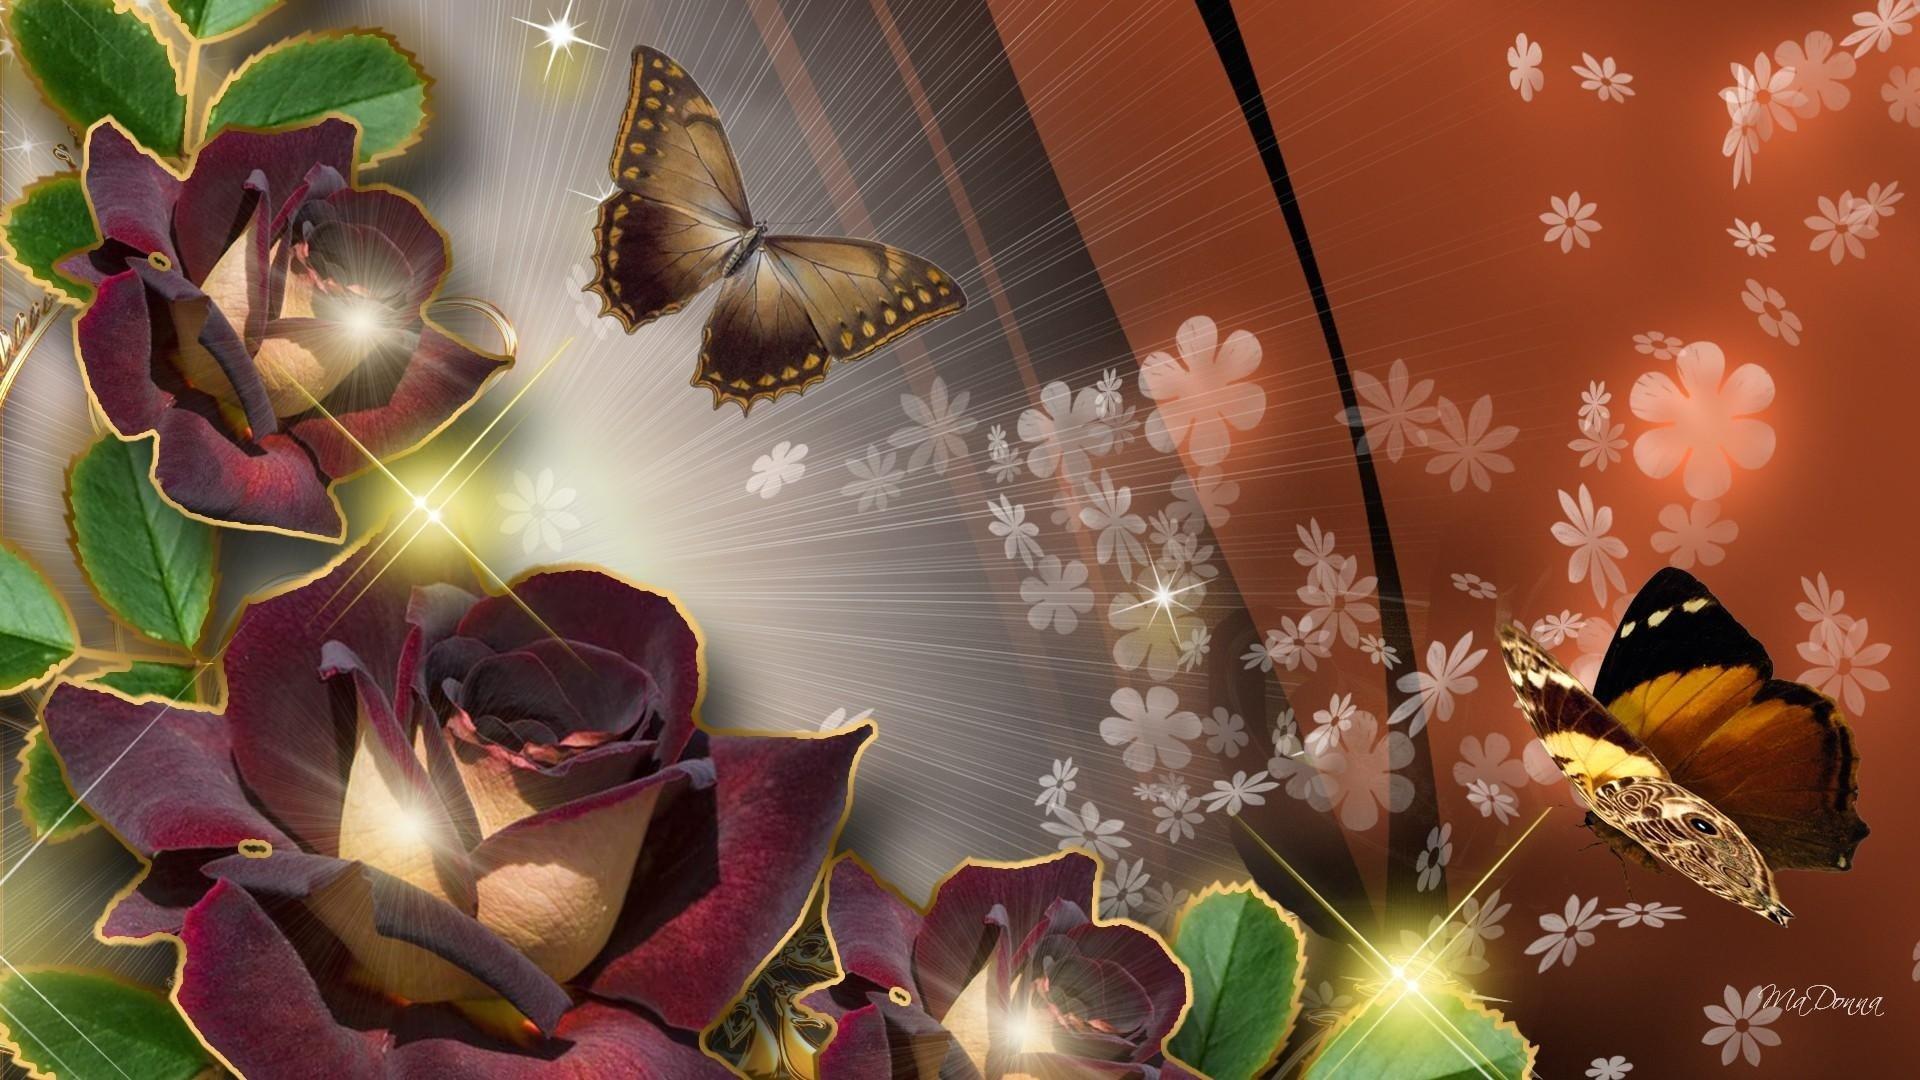 Бабочки подлетающие к цветкам  № 2991708 без смс